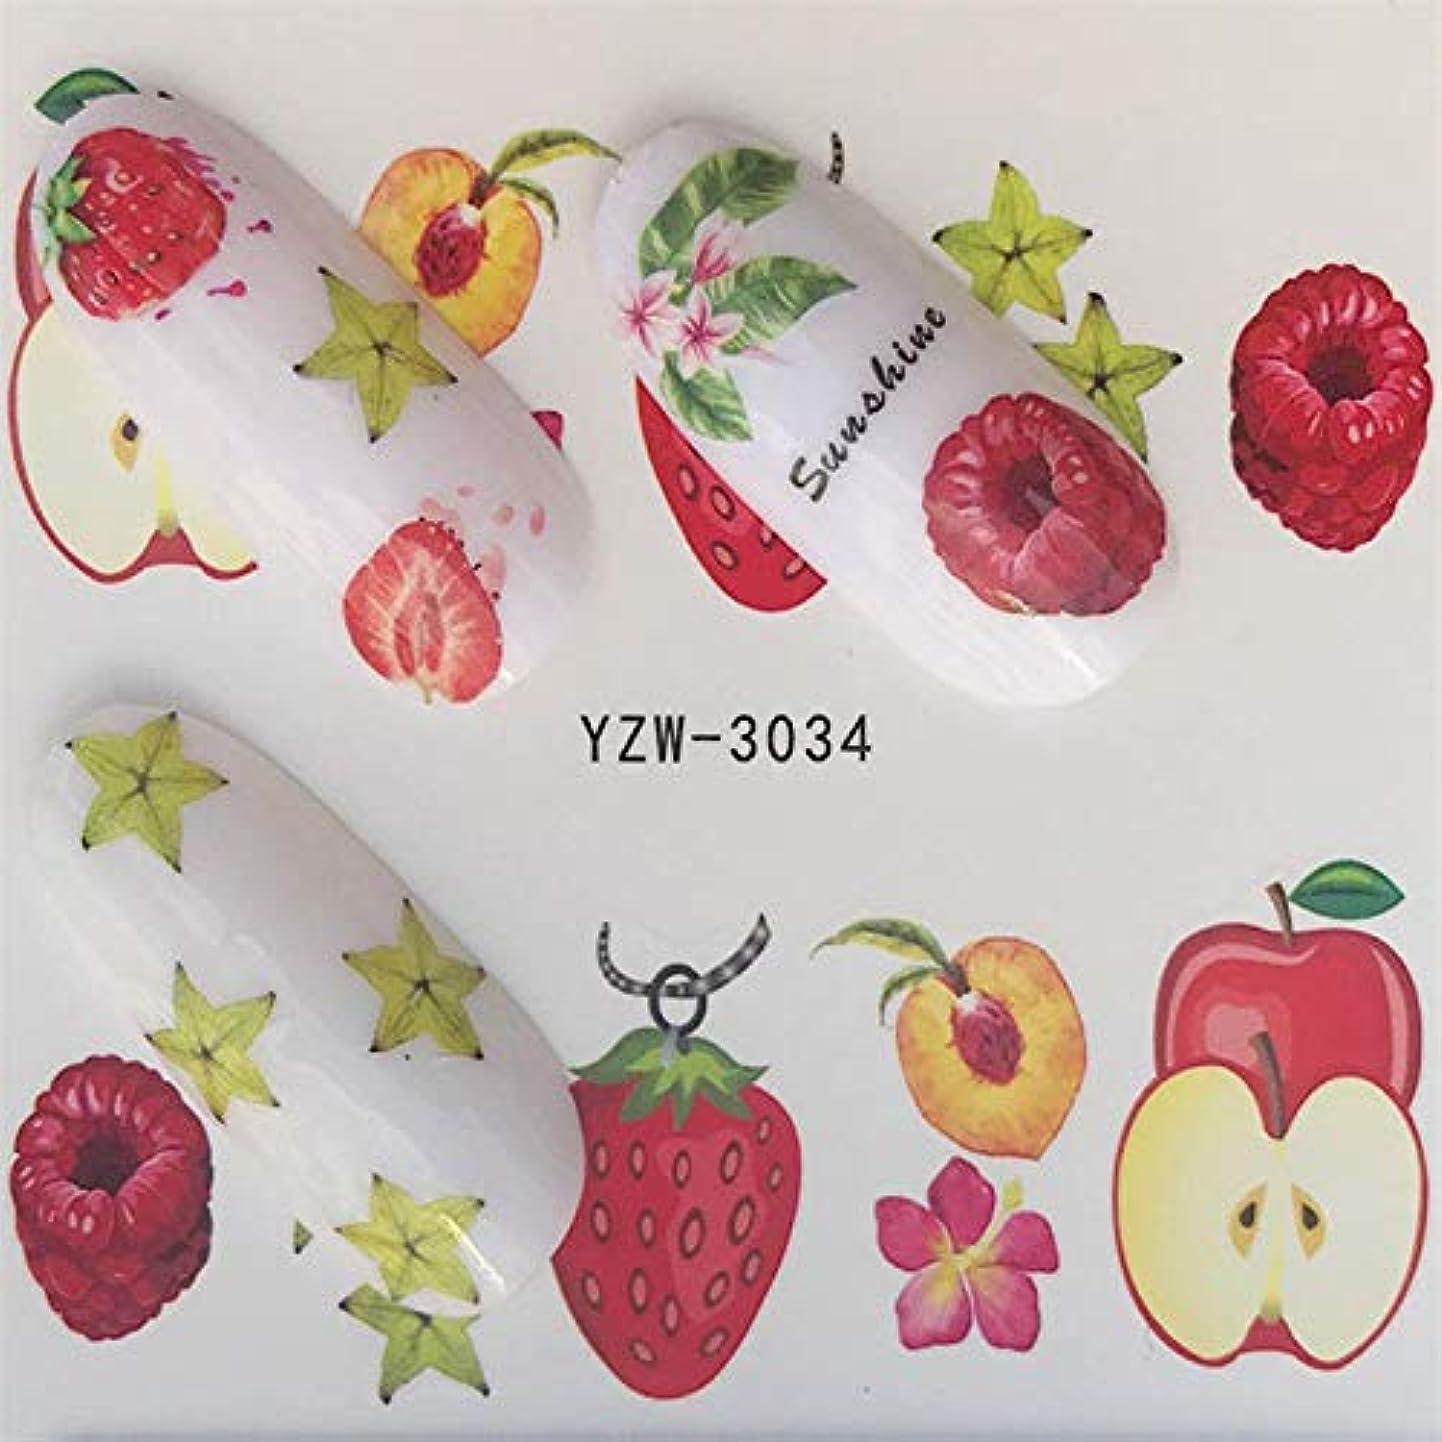 カップコミットメントクリームSUKTI&XIAO ネイルステッカー 1ピース漫画フラミンゴ/花/果物水転写ステッカーネイルアートデカールラップヒントマニキュアツール、Yzw-3034